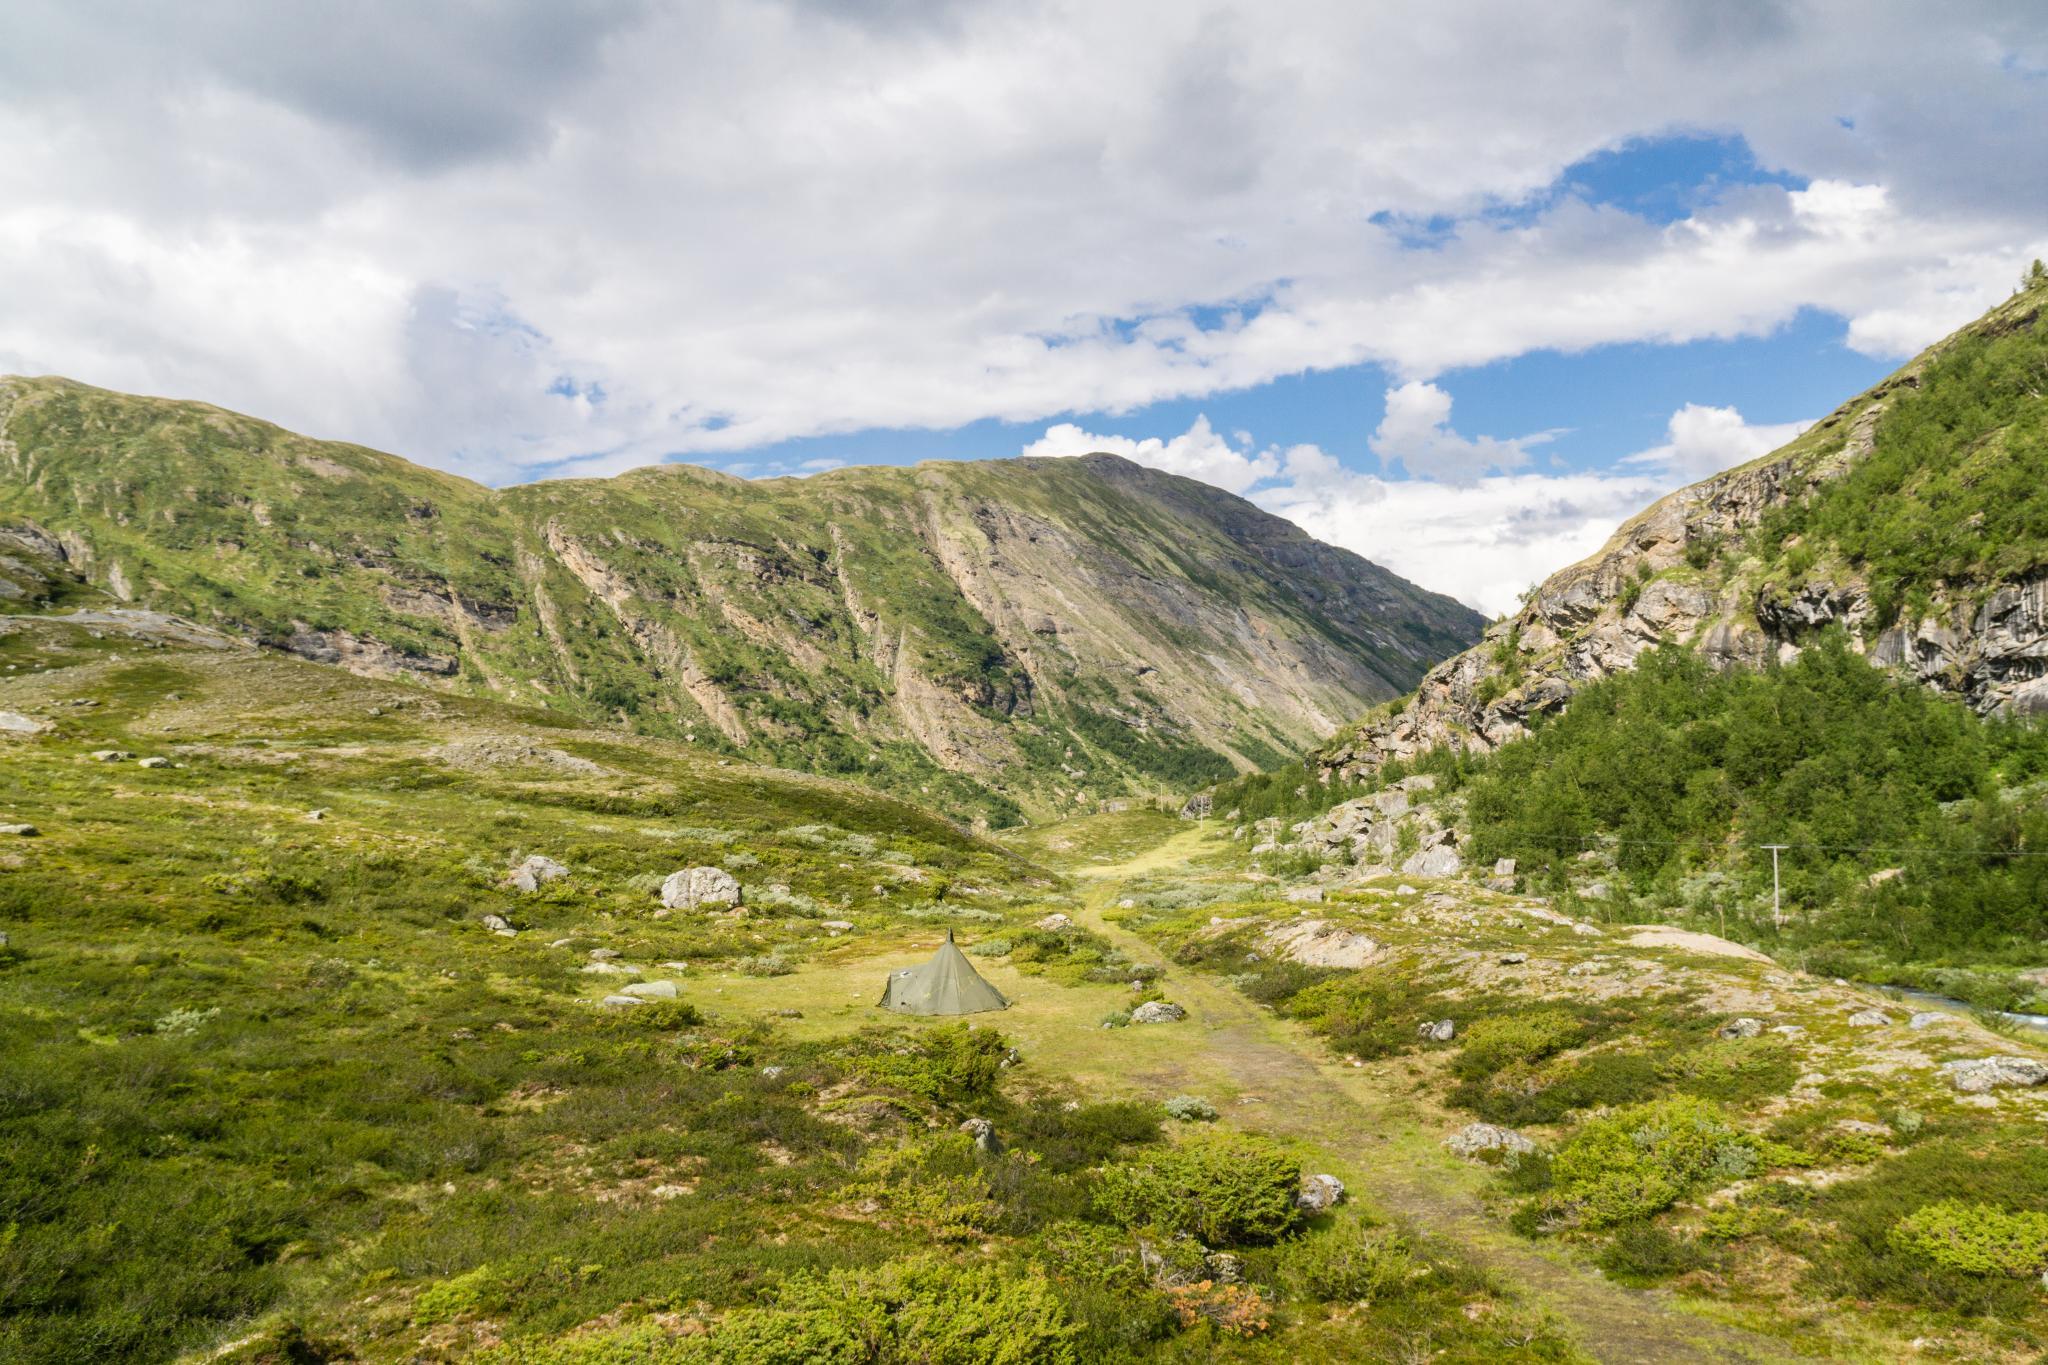 【北歐景點】穿越挪威的屋脊 - 前進北歐最美的冰原景觀公路 Fv55松恩山路 (Sognefjellet) 26